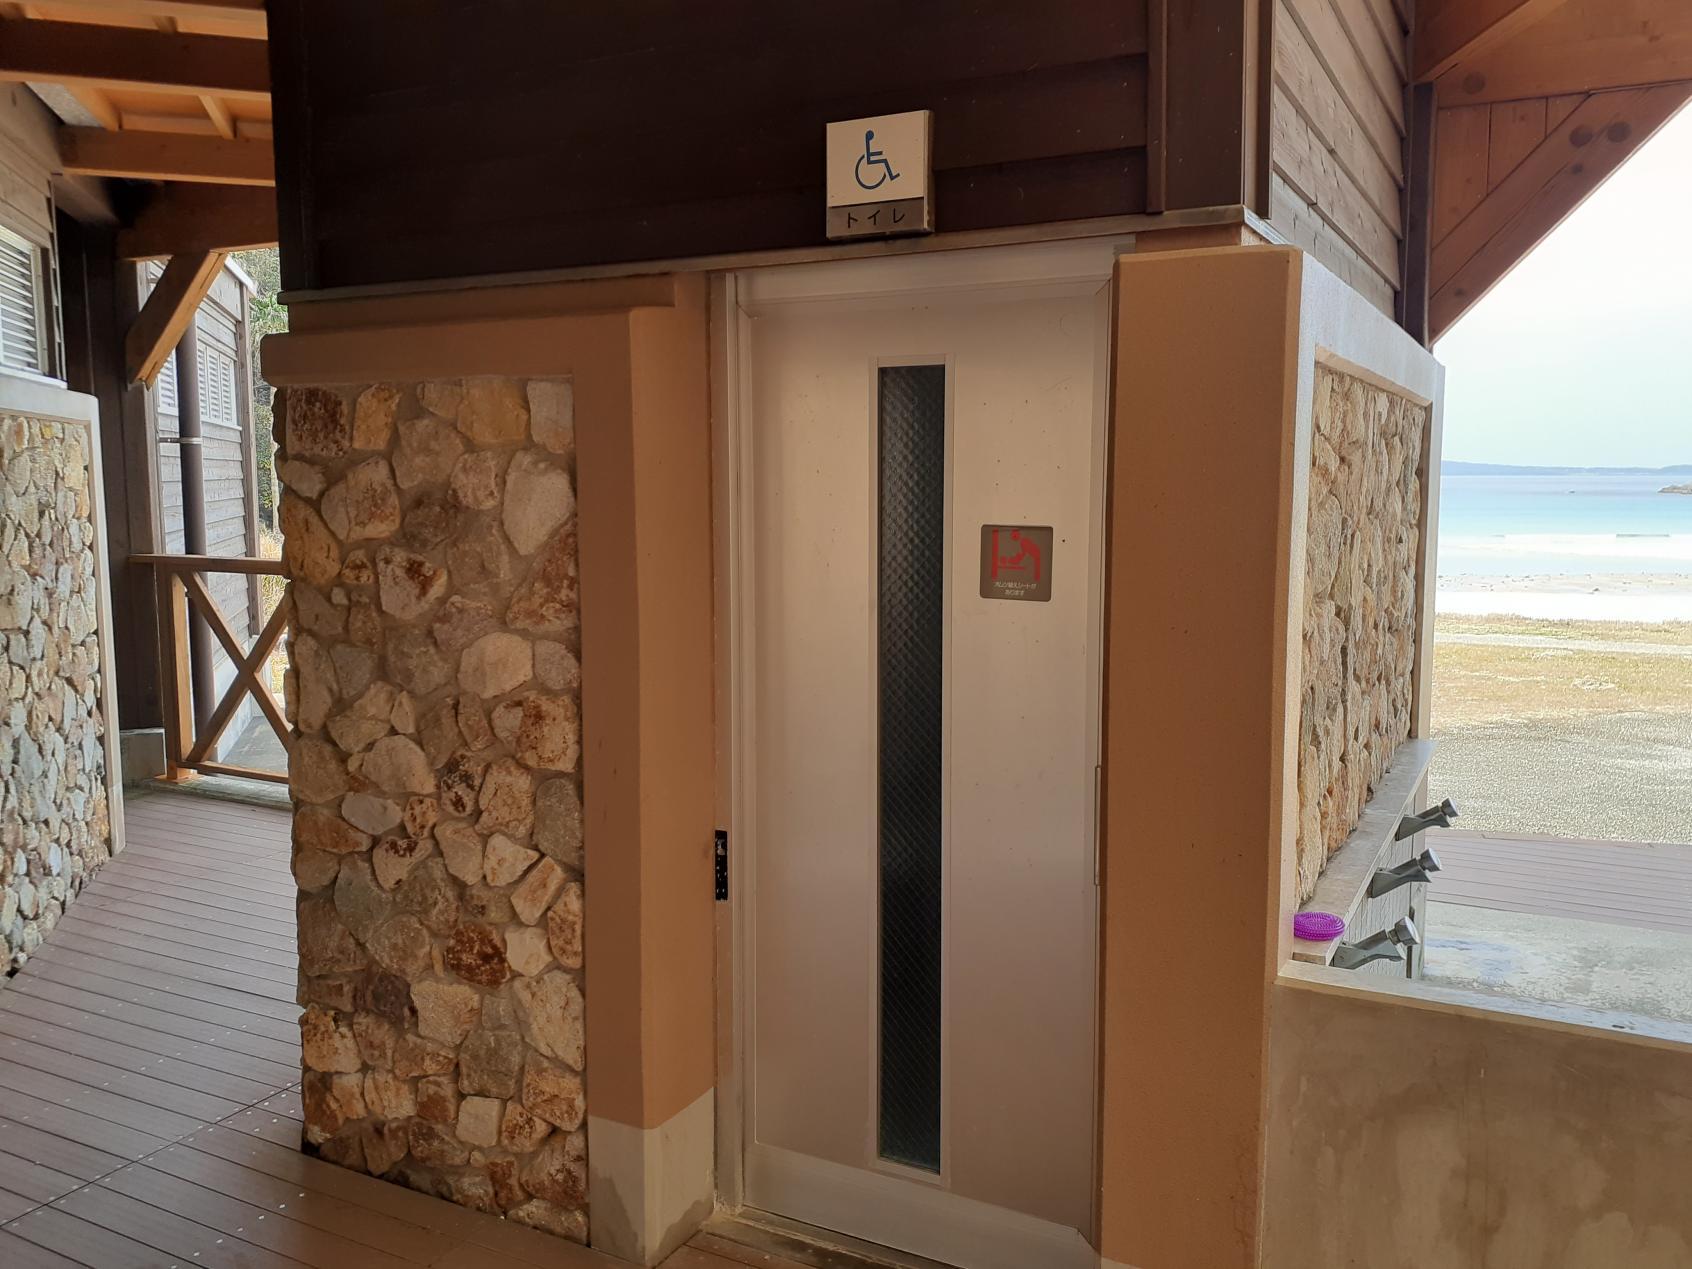 オンシーズンの多目的トイレ-1